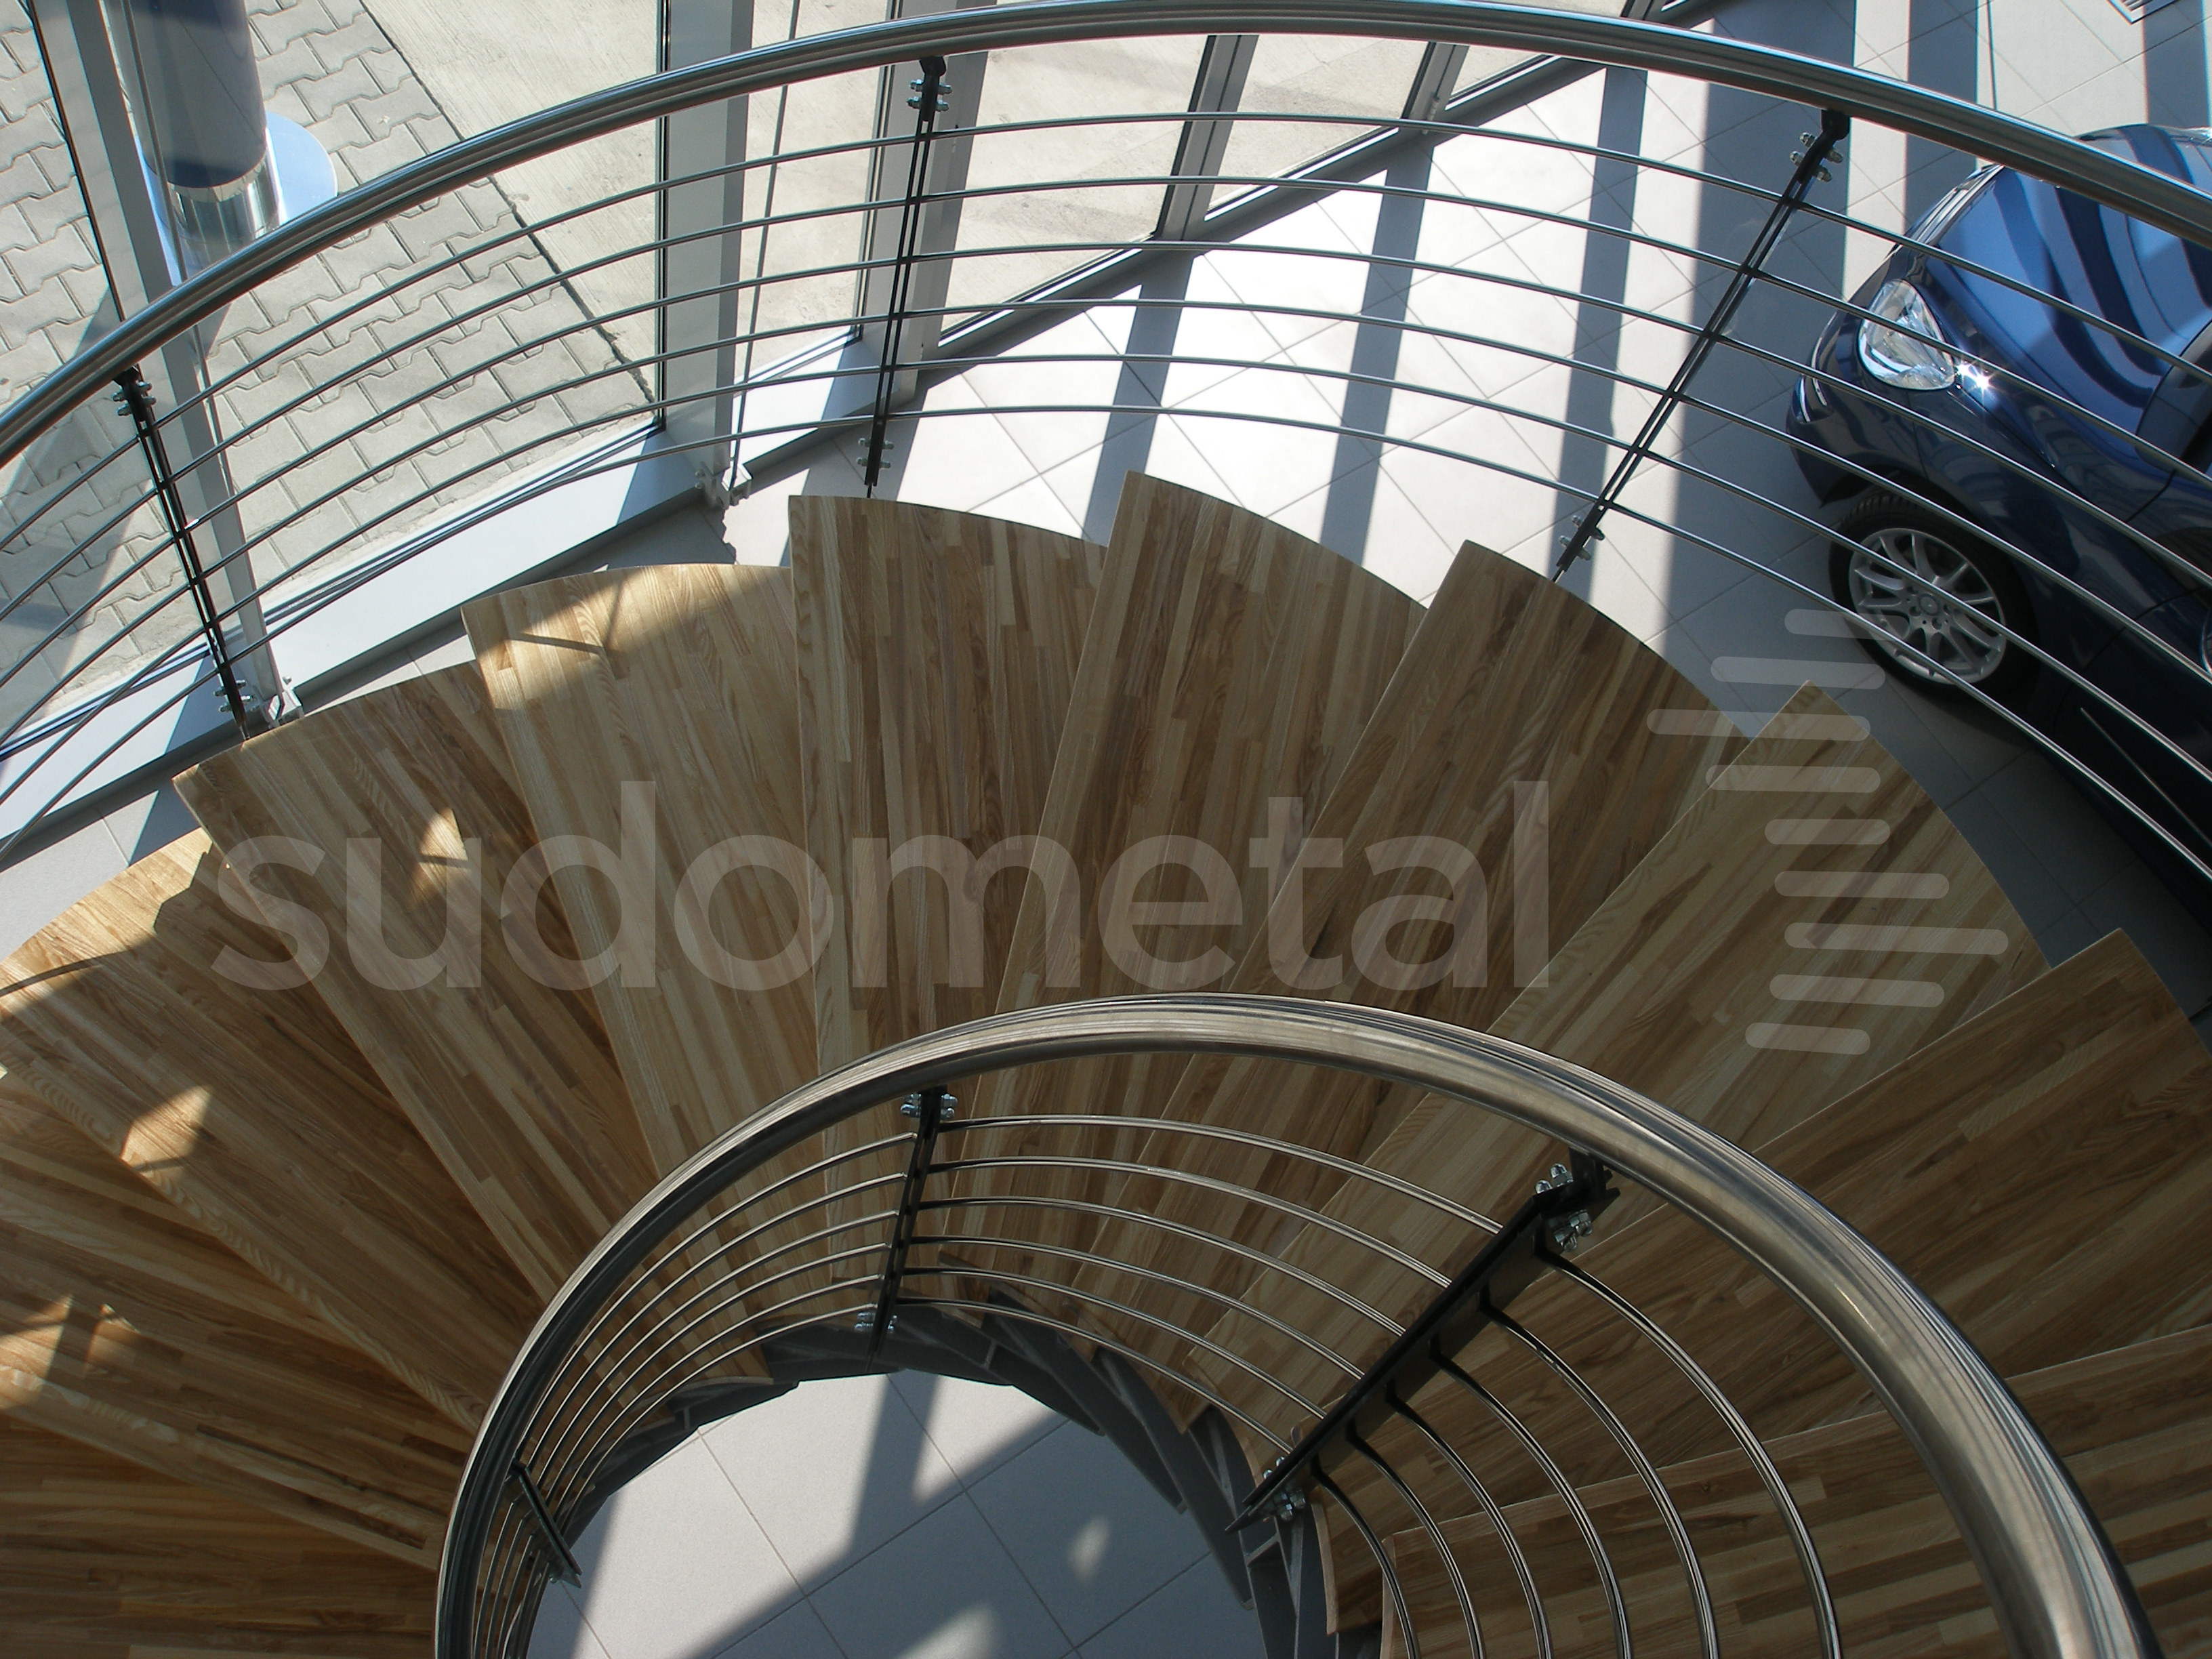 Scari cu vang lateral - Scara design showroom SUDOMETAL - Poza 1